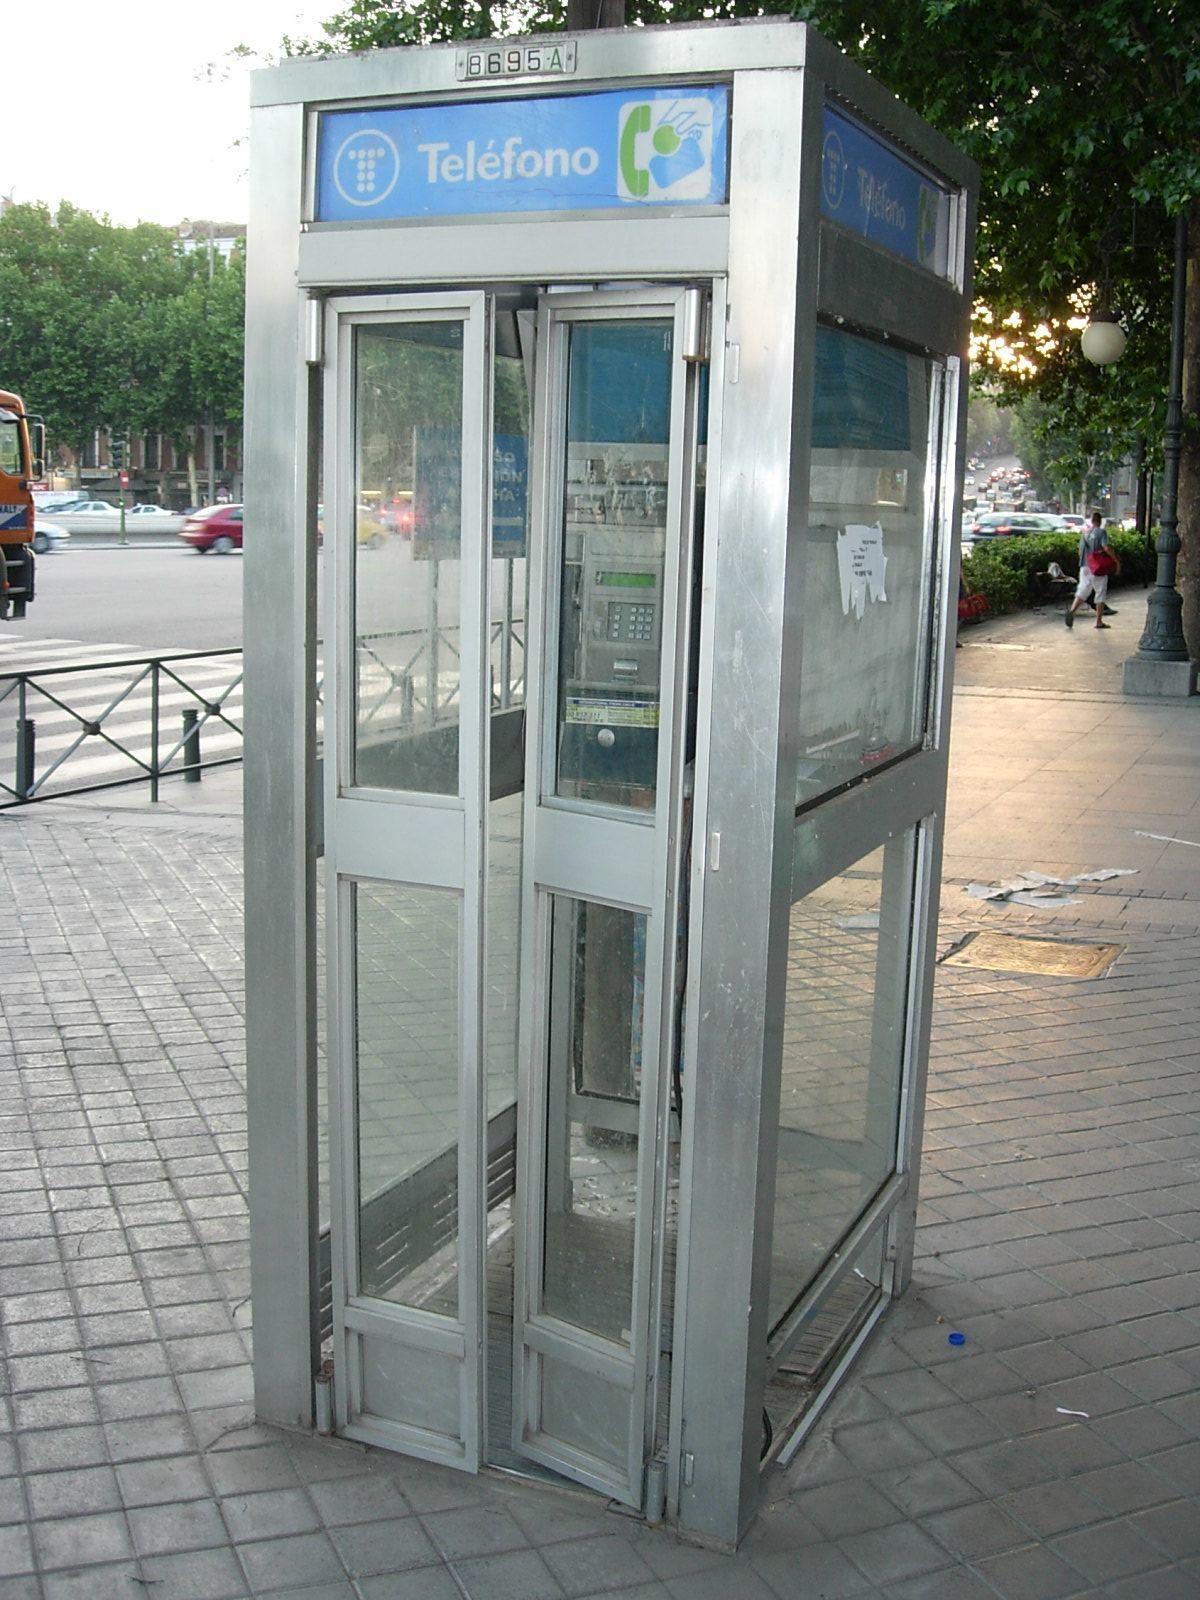 Las cabinas de teléfono